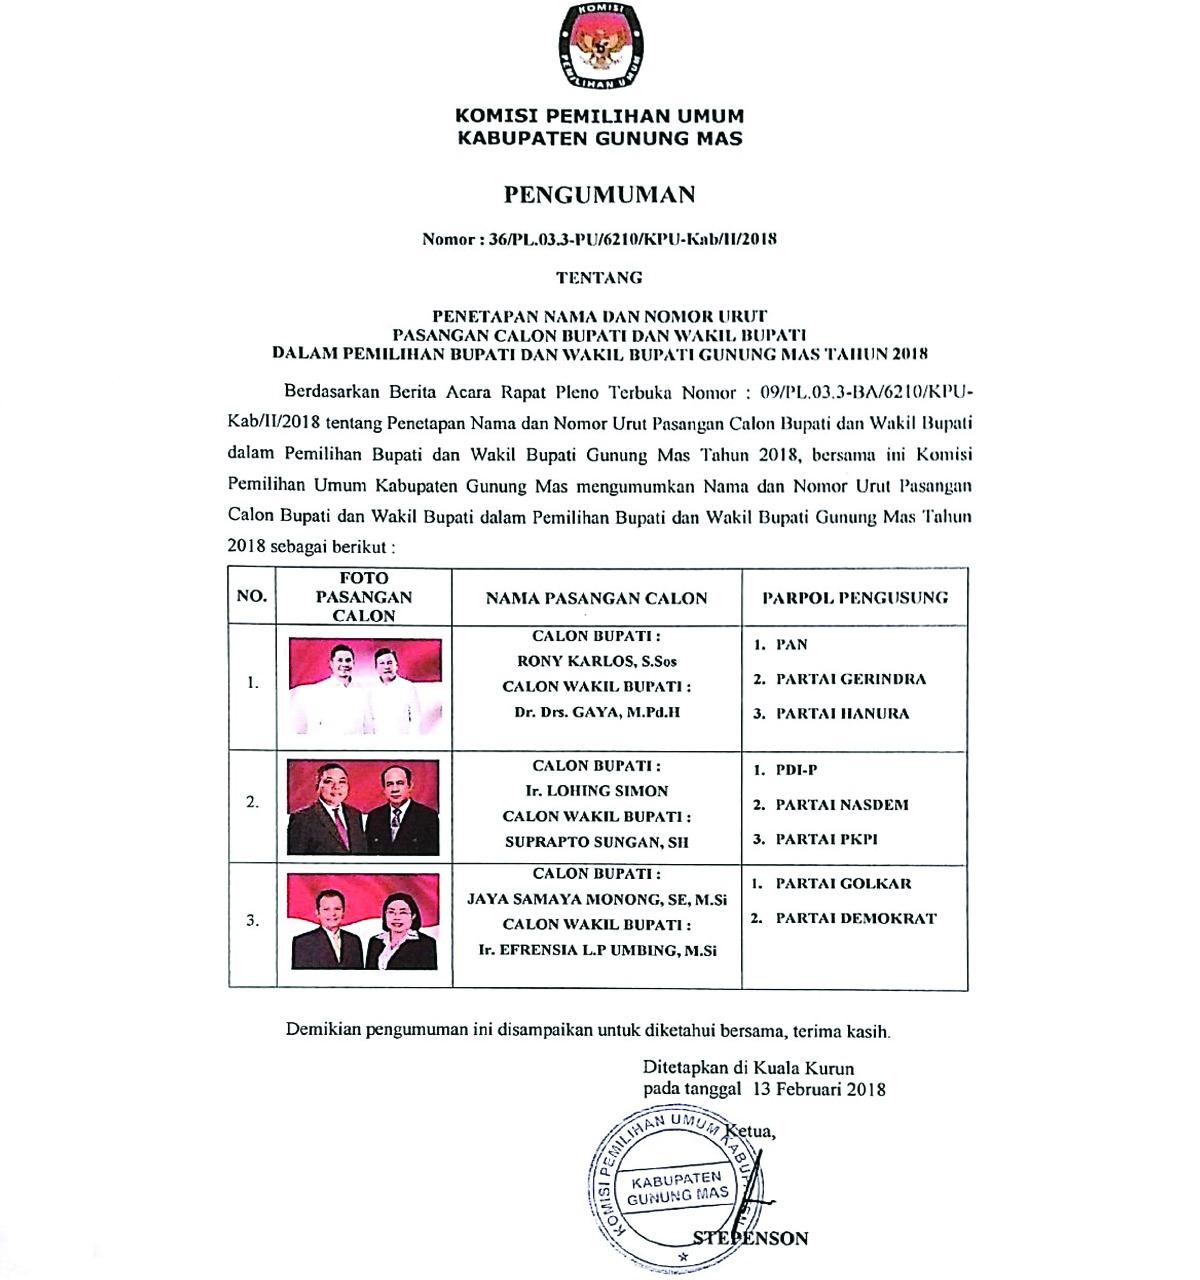 Penetapan Nama dan Nomor Urut Pasangan Calon Bupati dan Wakil Bupati dalam Pemilihan Bupati dan Wakil Bupati Gunung Mas Tahun 2018